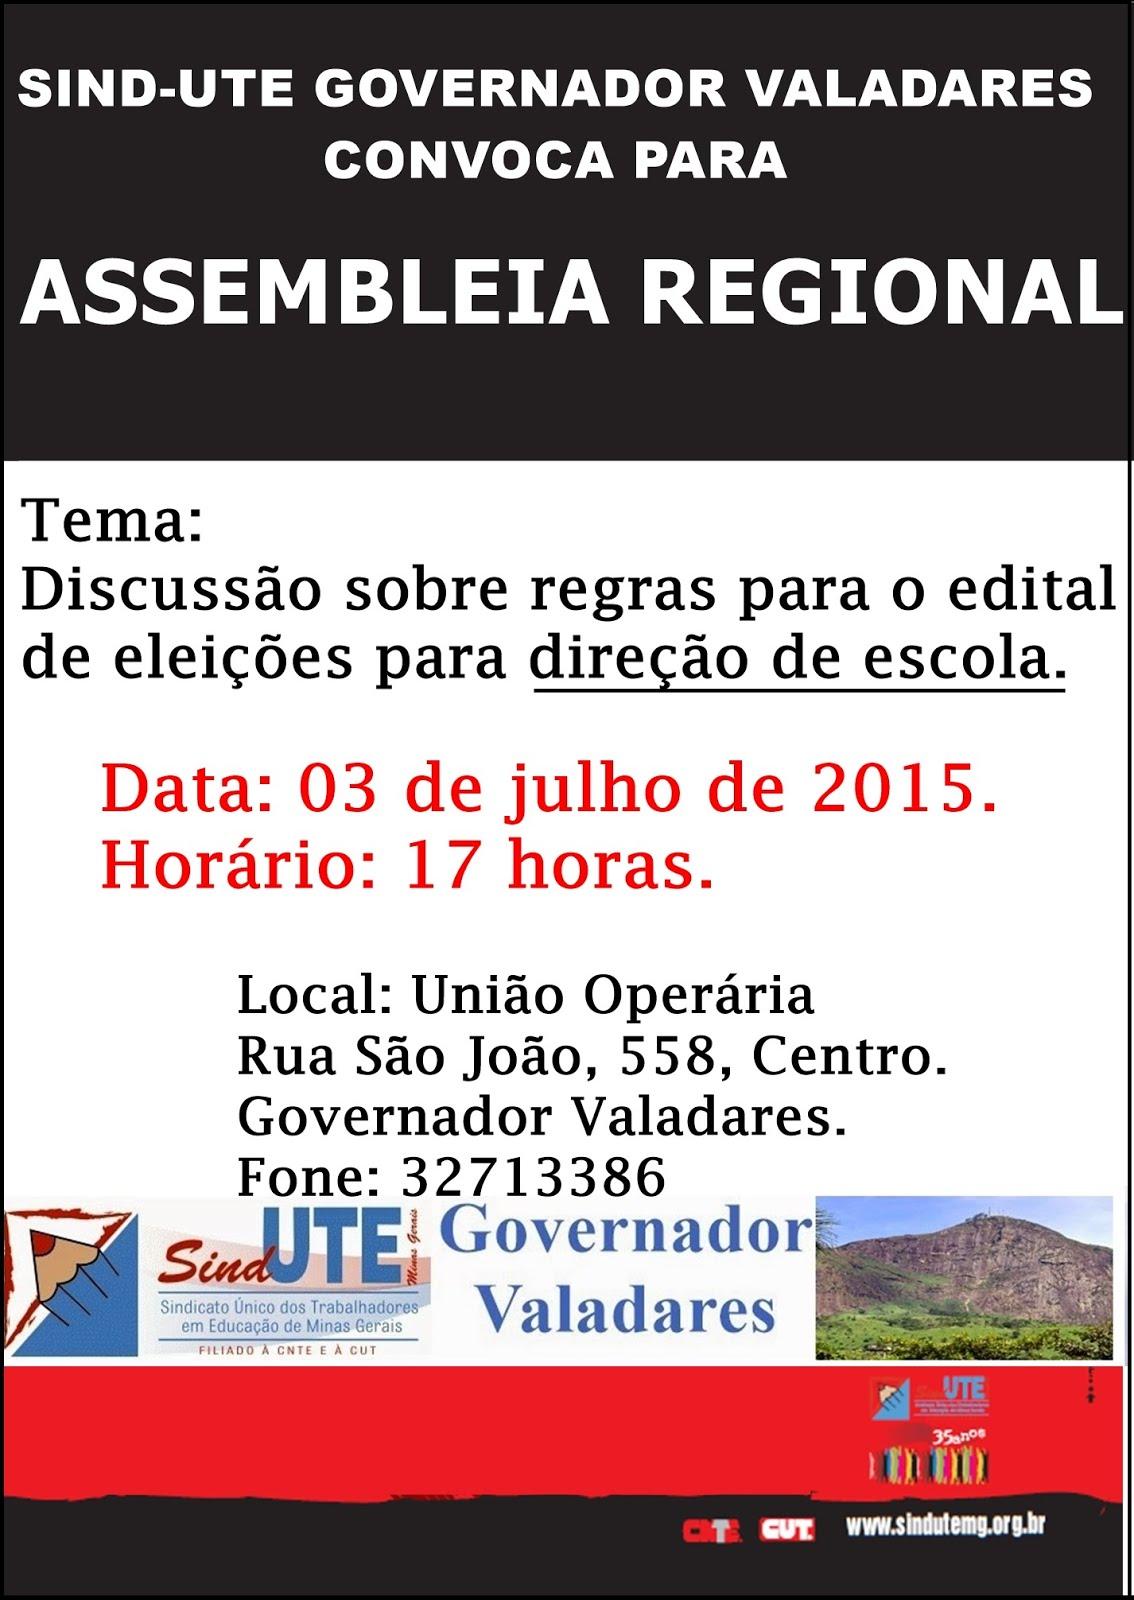 ASSEMBLEIA REGIONAL DIA 03 DE JUNHO